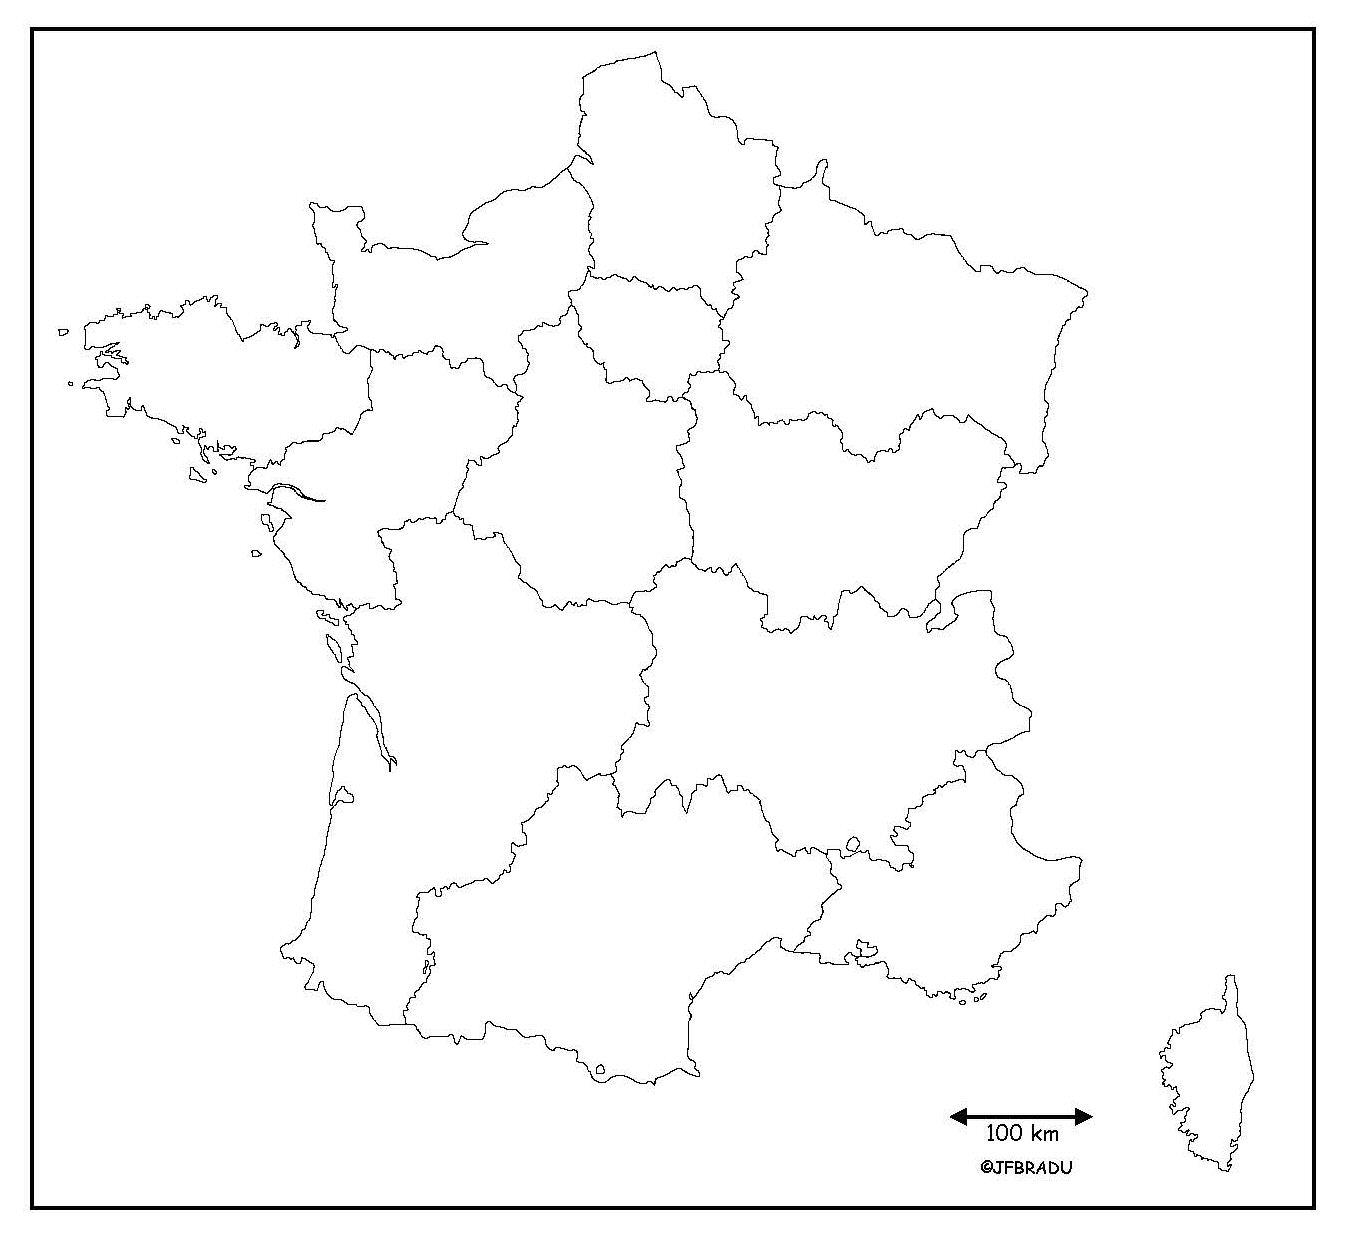 Carte Des Régions De France Sans Les Noms | popkensburg